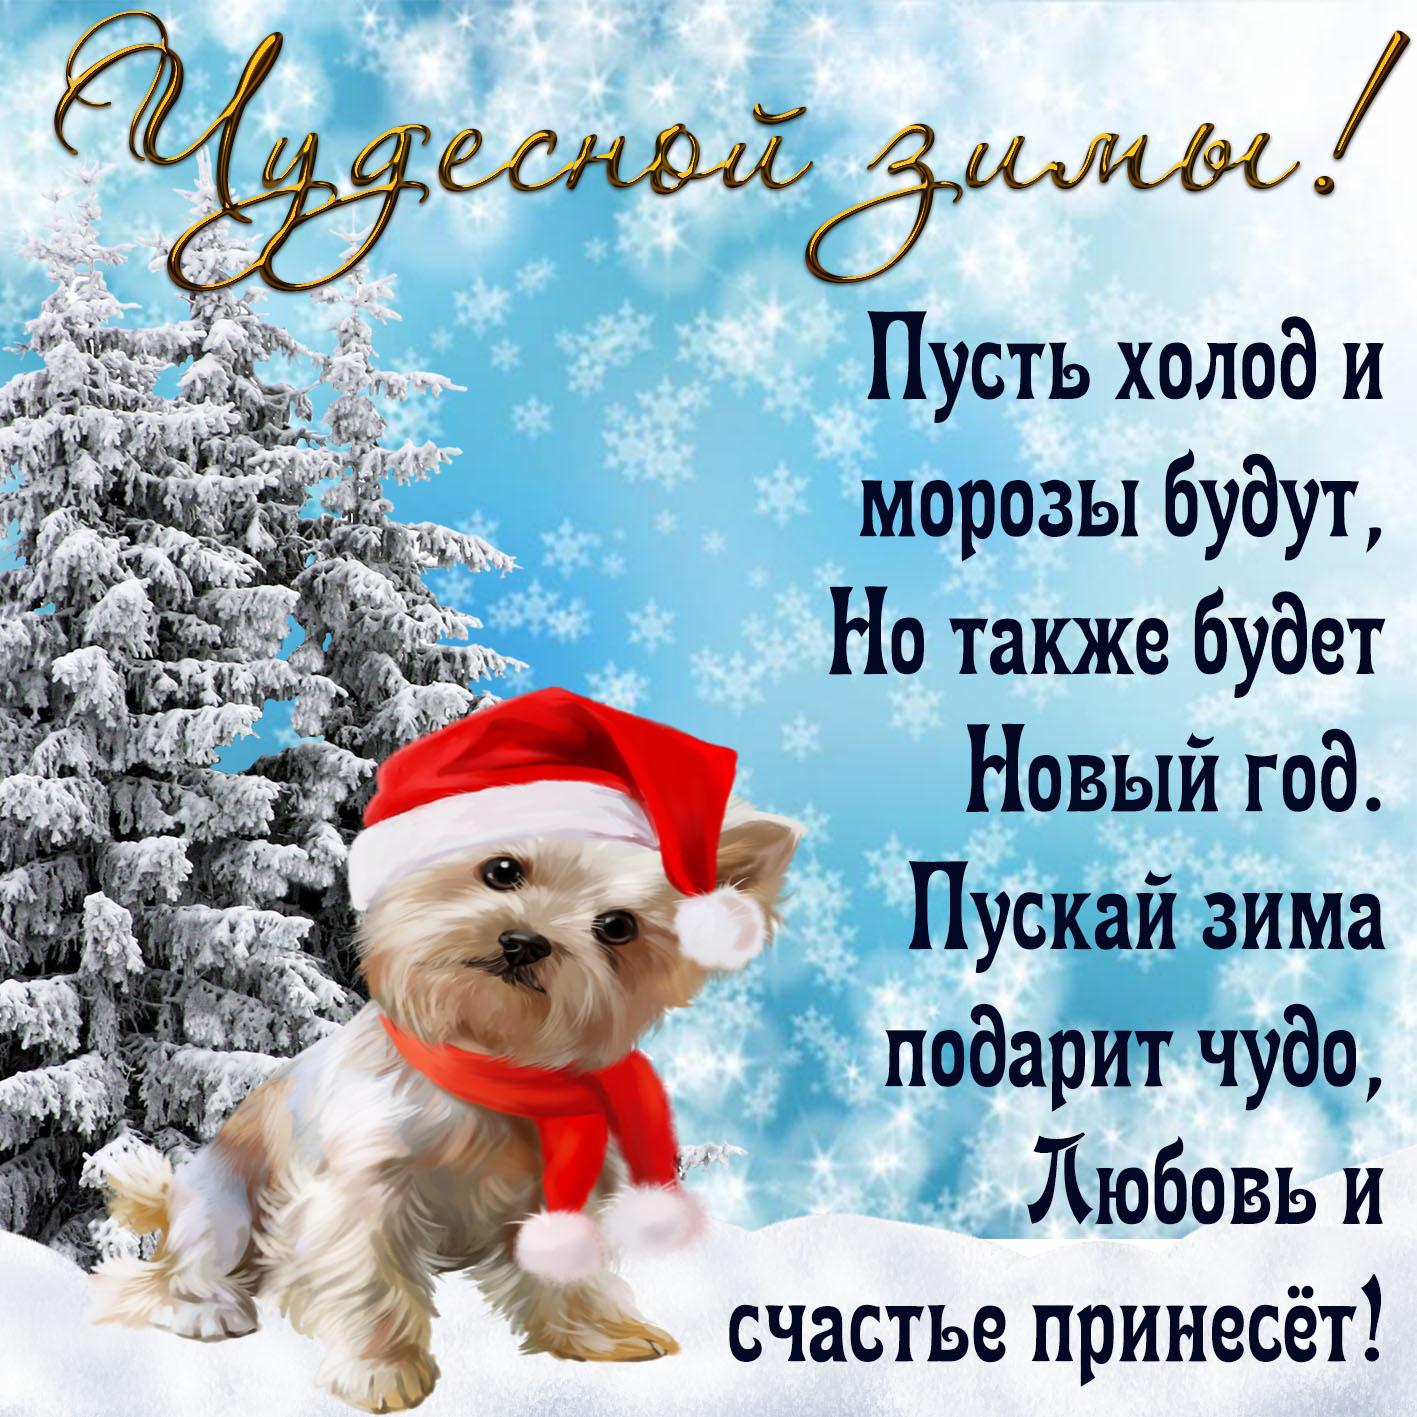 Открытка - забавный пёсик желает чудесной зимы